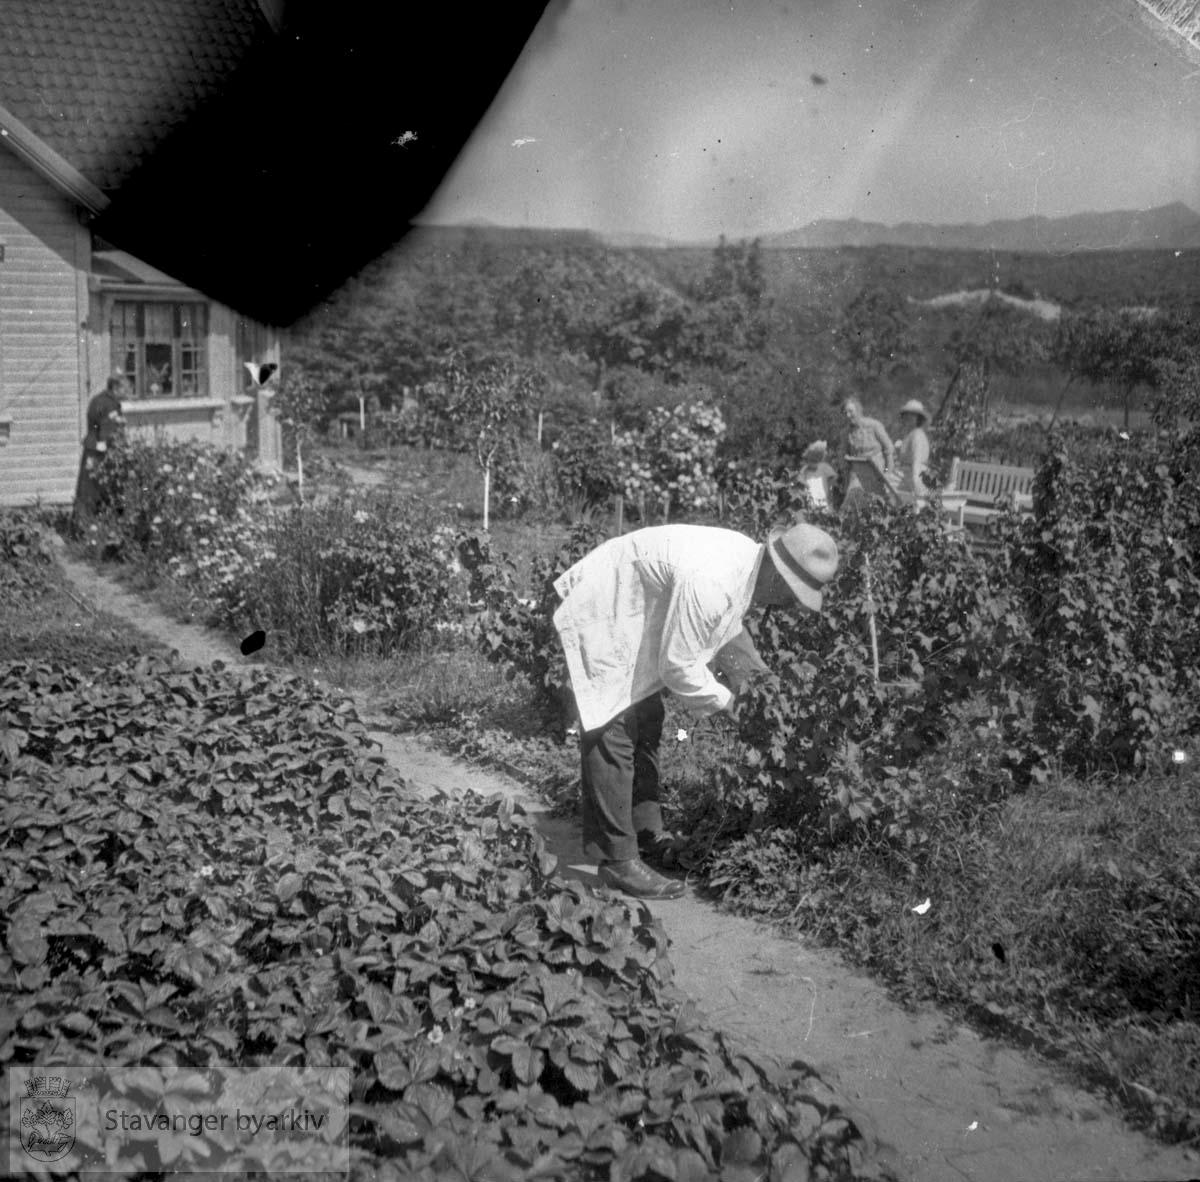 Mann sjekker plantene